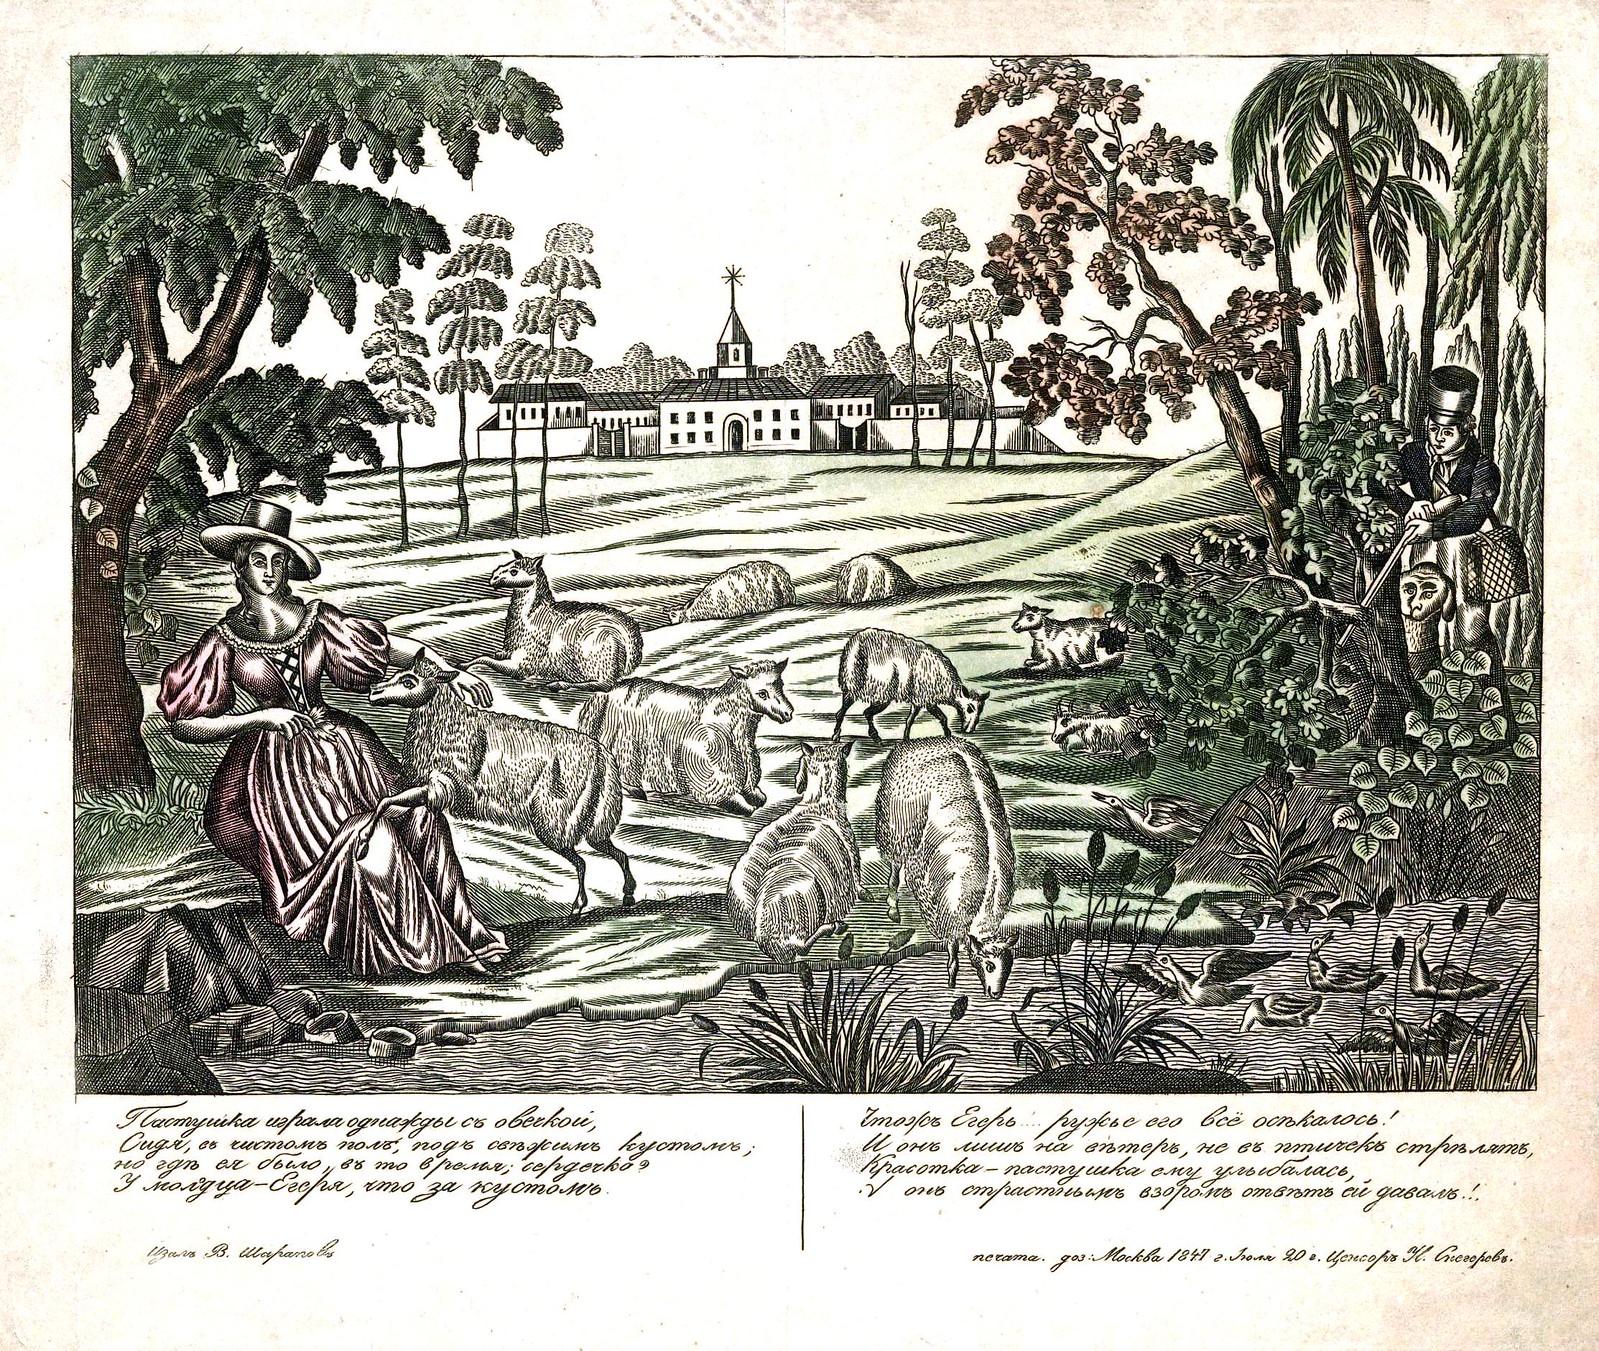 1847. Пастушка играла однажды с овечкой. Пастушка играла однажды с овечкой, сидя в чистом поле под свежим кустом...